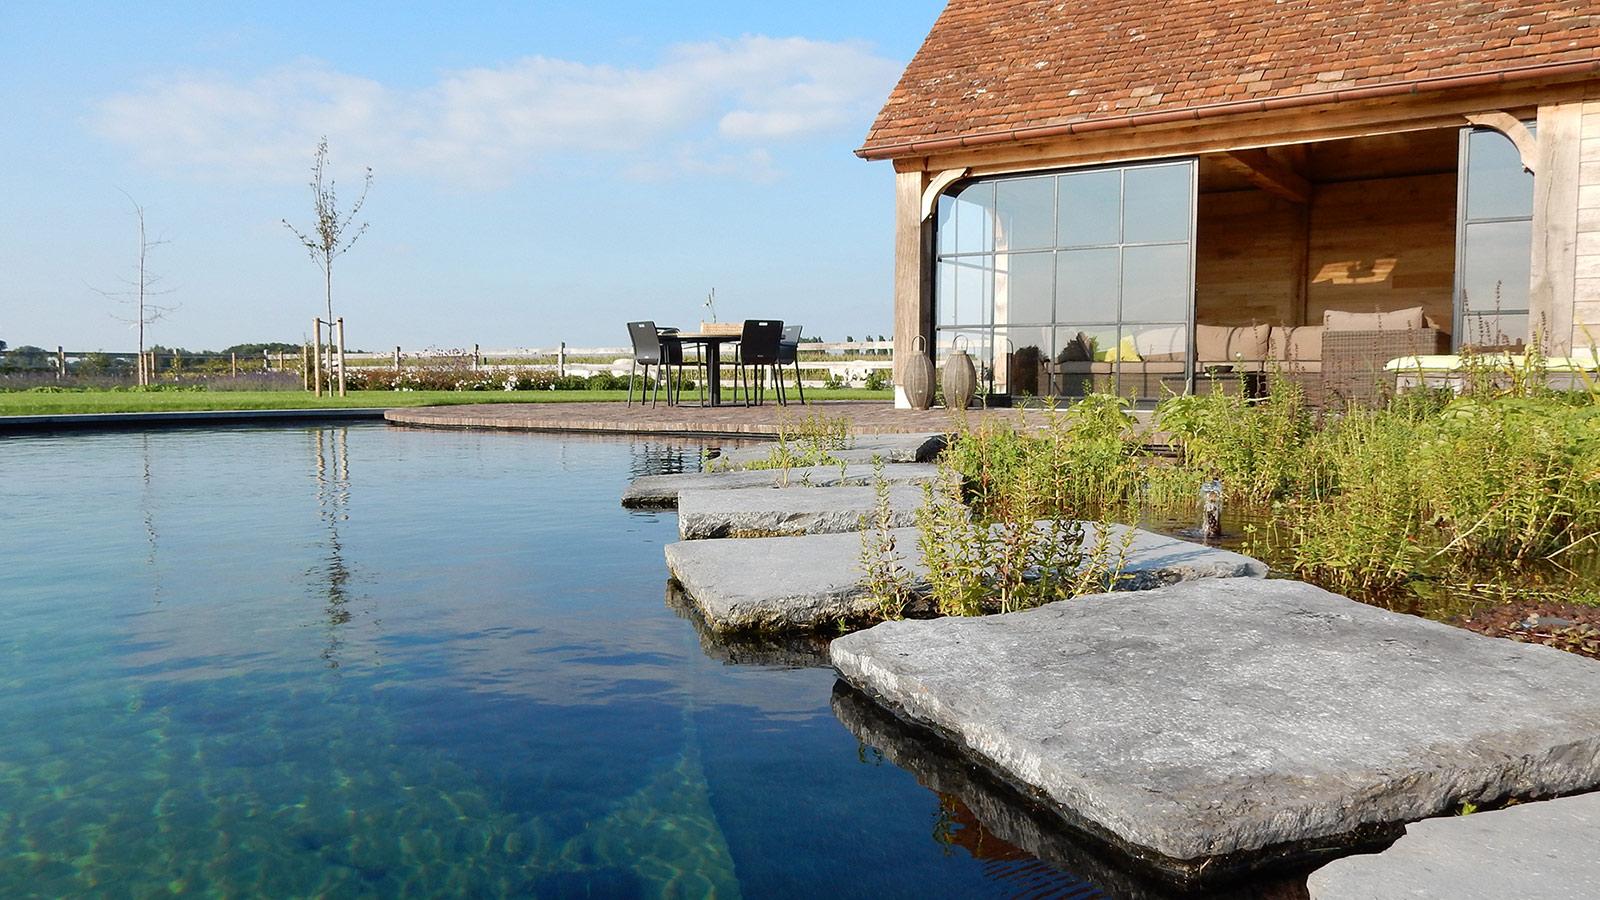 Totaalontwerp en aanleg van een landelijke tuin for Landelijke tuin aanleggen